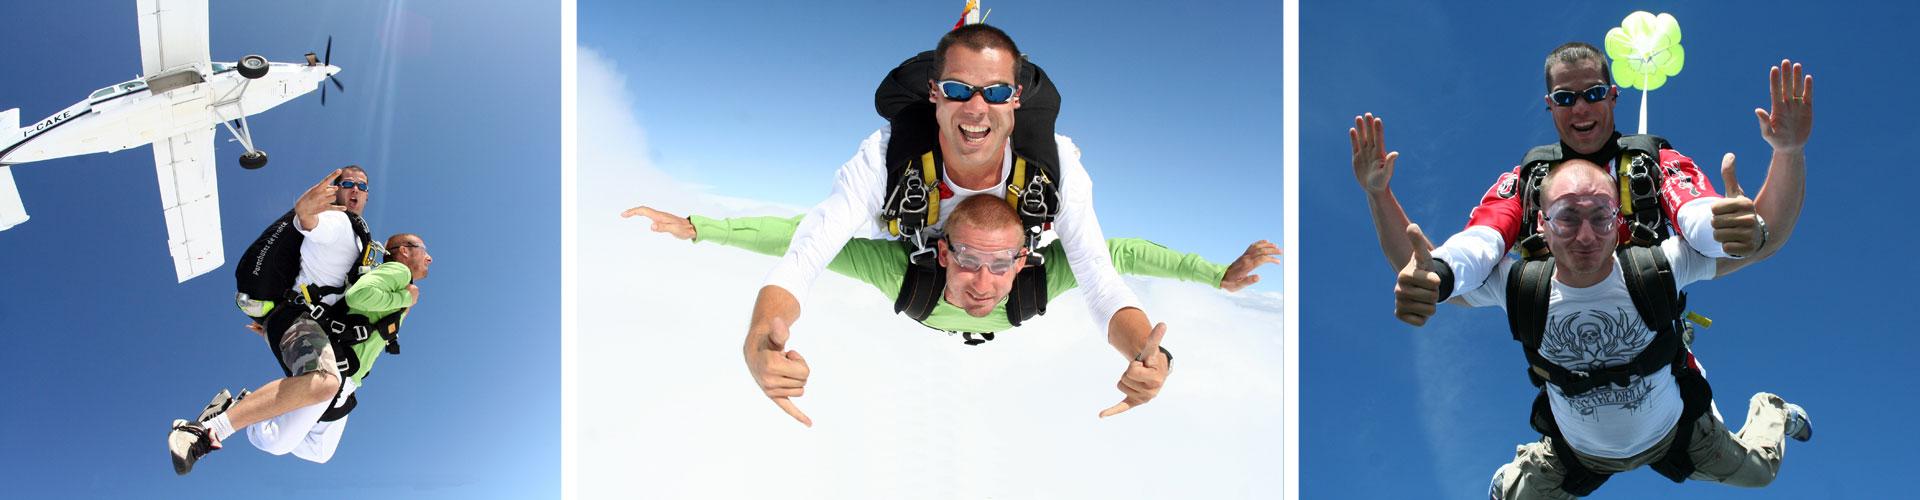 Saut en tandem, saut en parachute